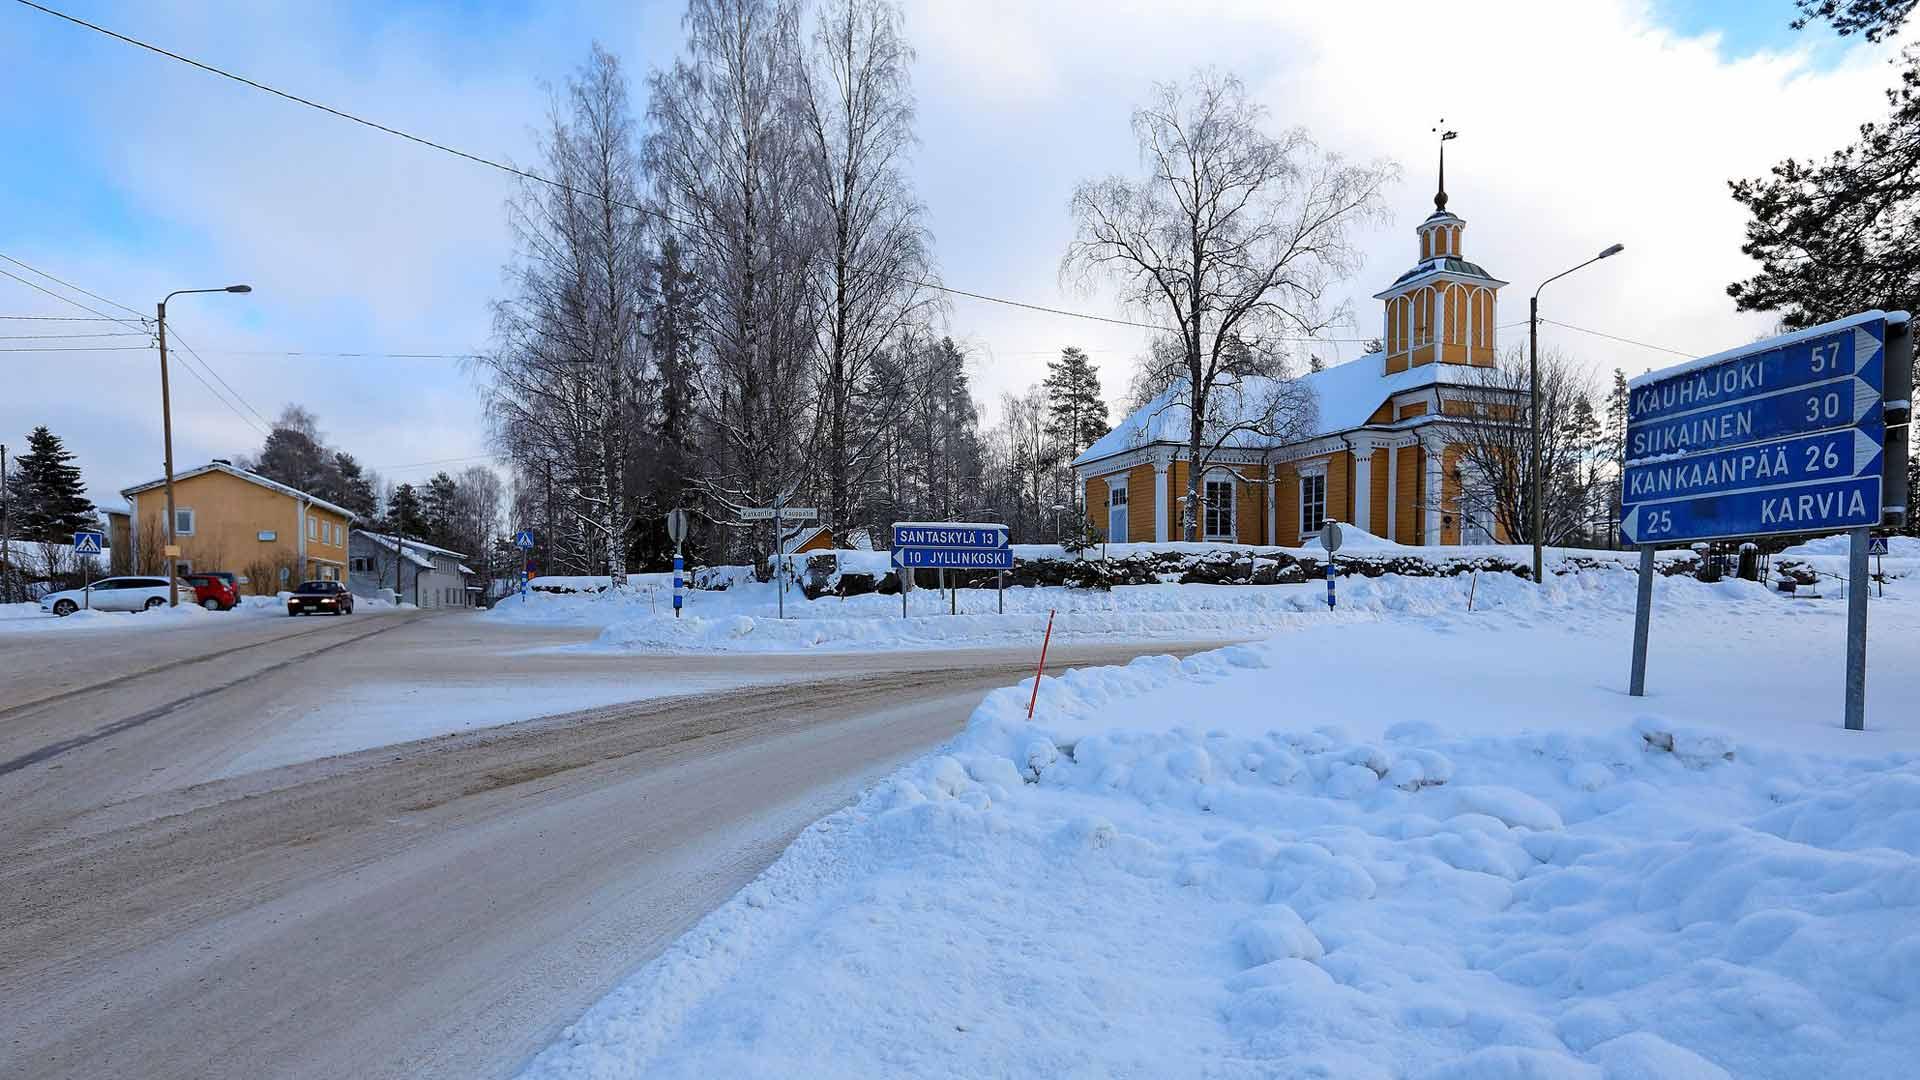 Pohjoisesta Satakunnasta löytyy Suomen perussuomalaisin kunta, Honkajoki, joka tosin on kuntaliitoksen jälkeen nyt osa Kankaanpään kaupunkia.